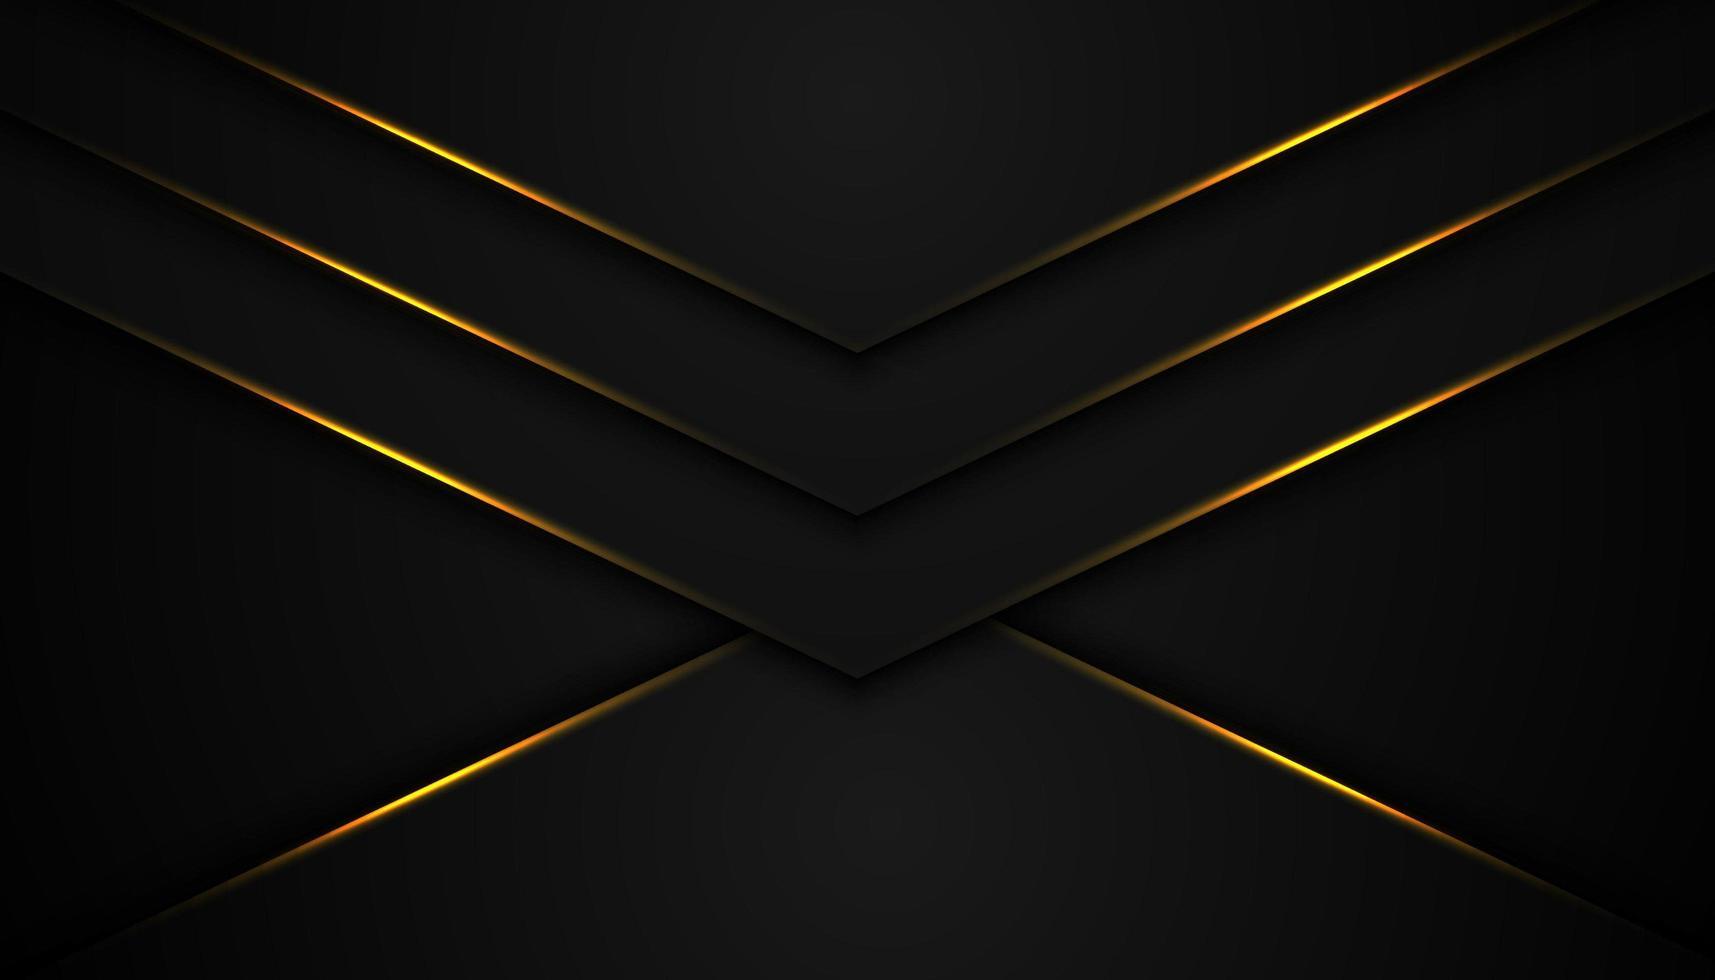 schwarzer abstrakter Hintergrund mit V-förmigen Schichten vektor